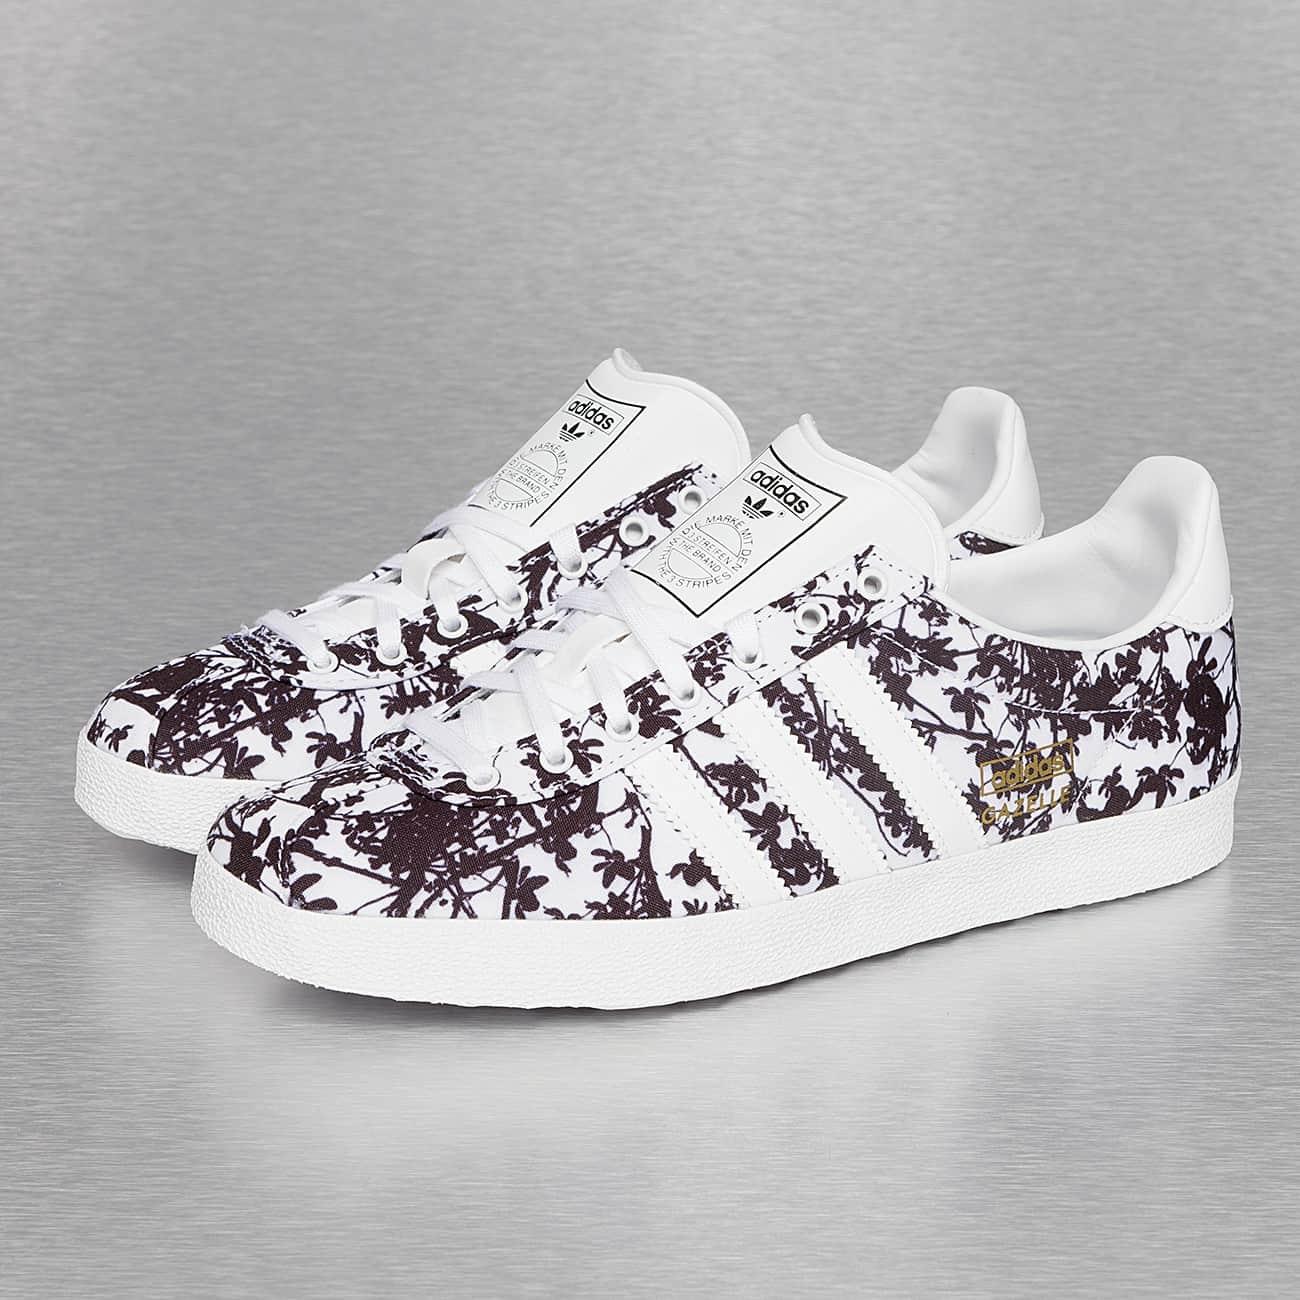 chaussure adidas femme avec dentelle